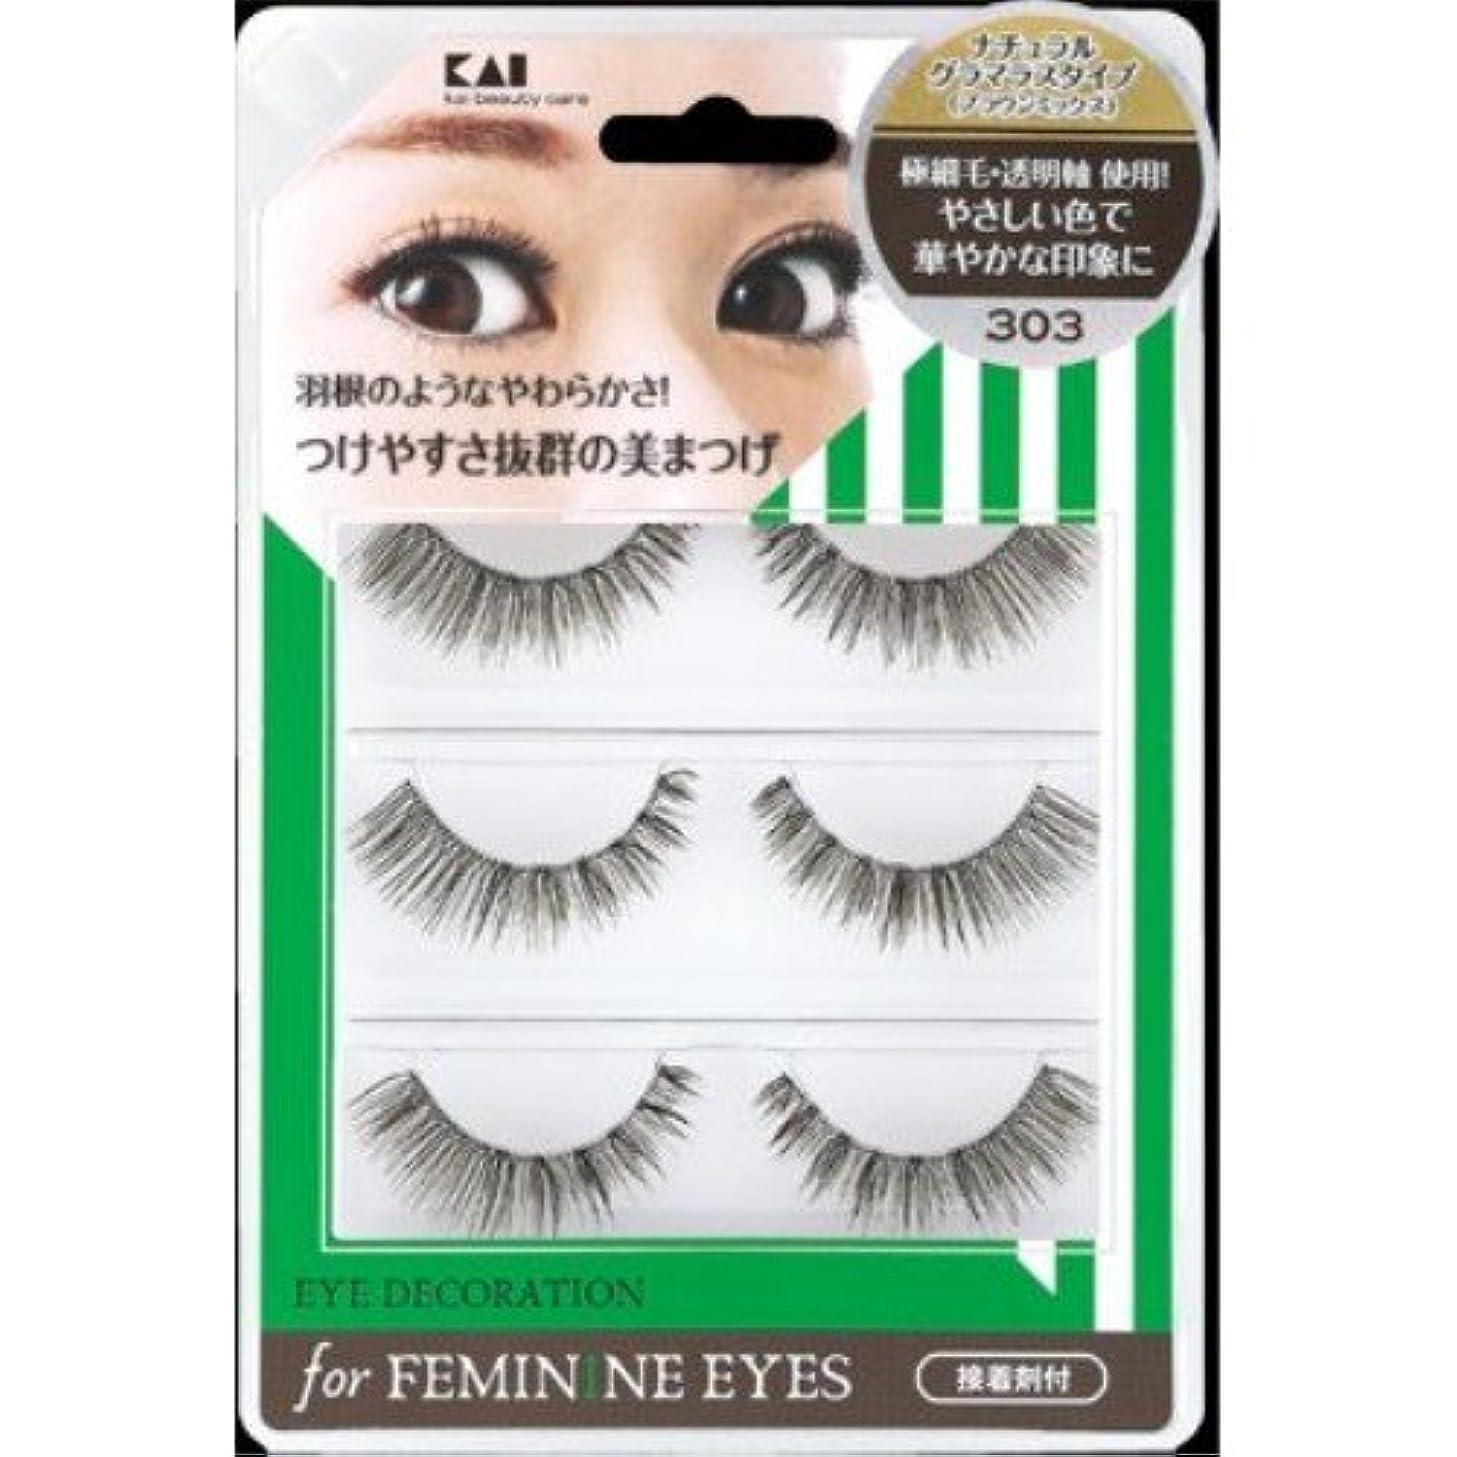 元に戻す実り多い三番貝印 アイデコレーション for feminine eyes 303 HC1563